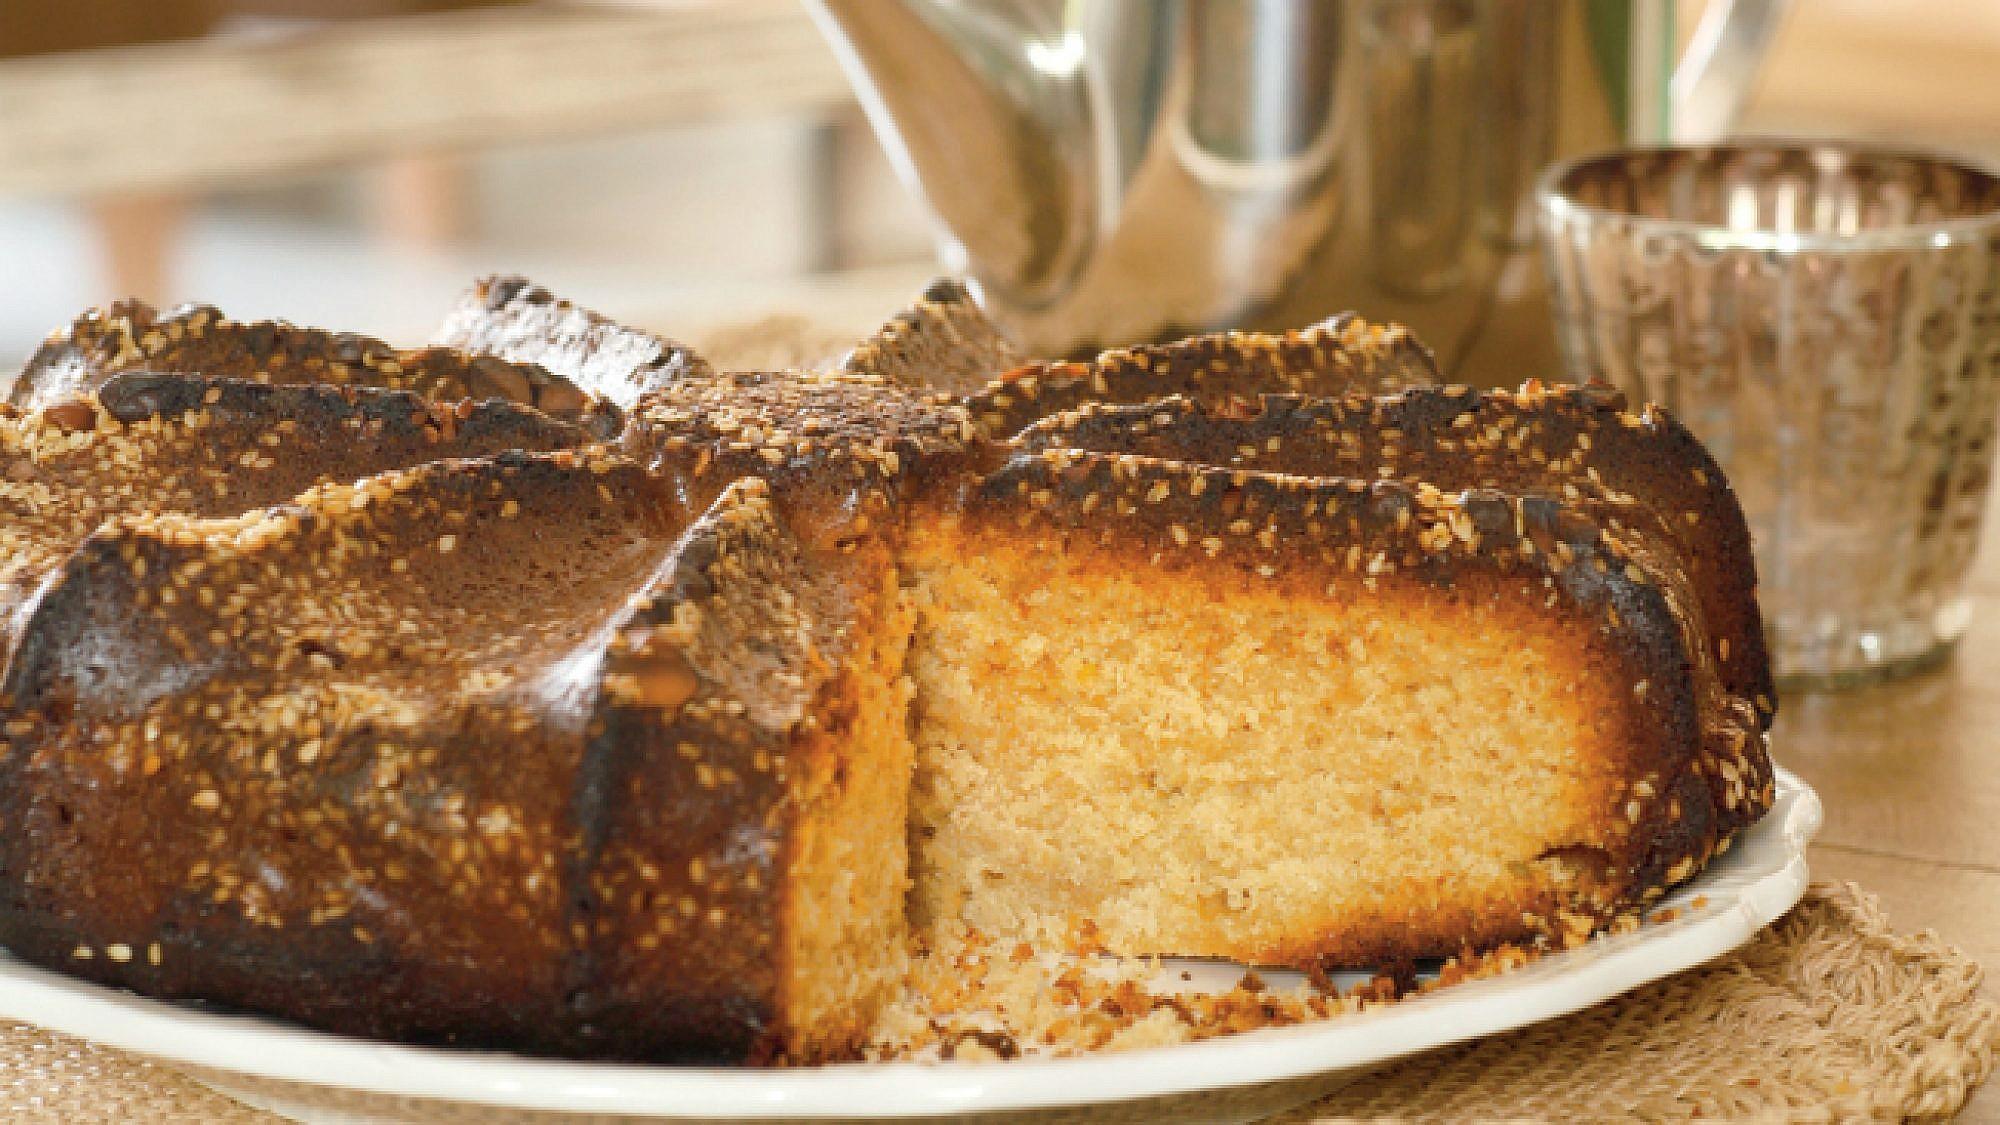 עוגת טחינה. צילום: דניה ויינר   סגנון: דלית רוסו